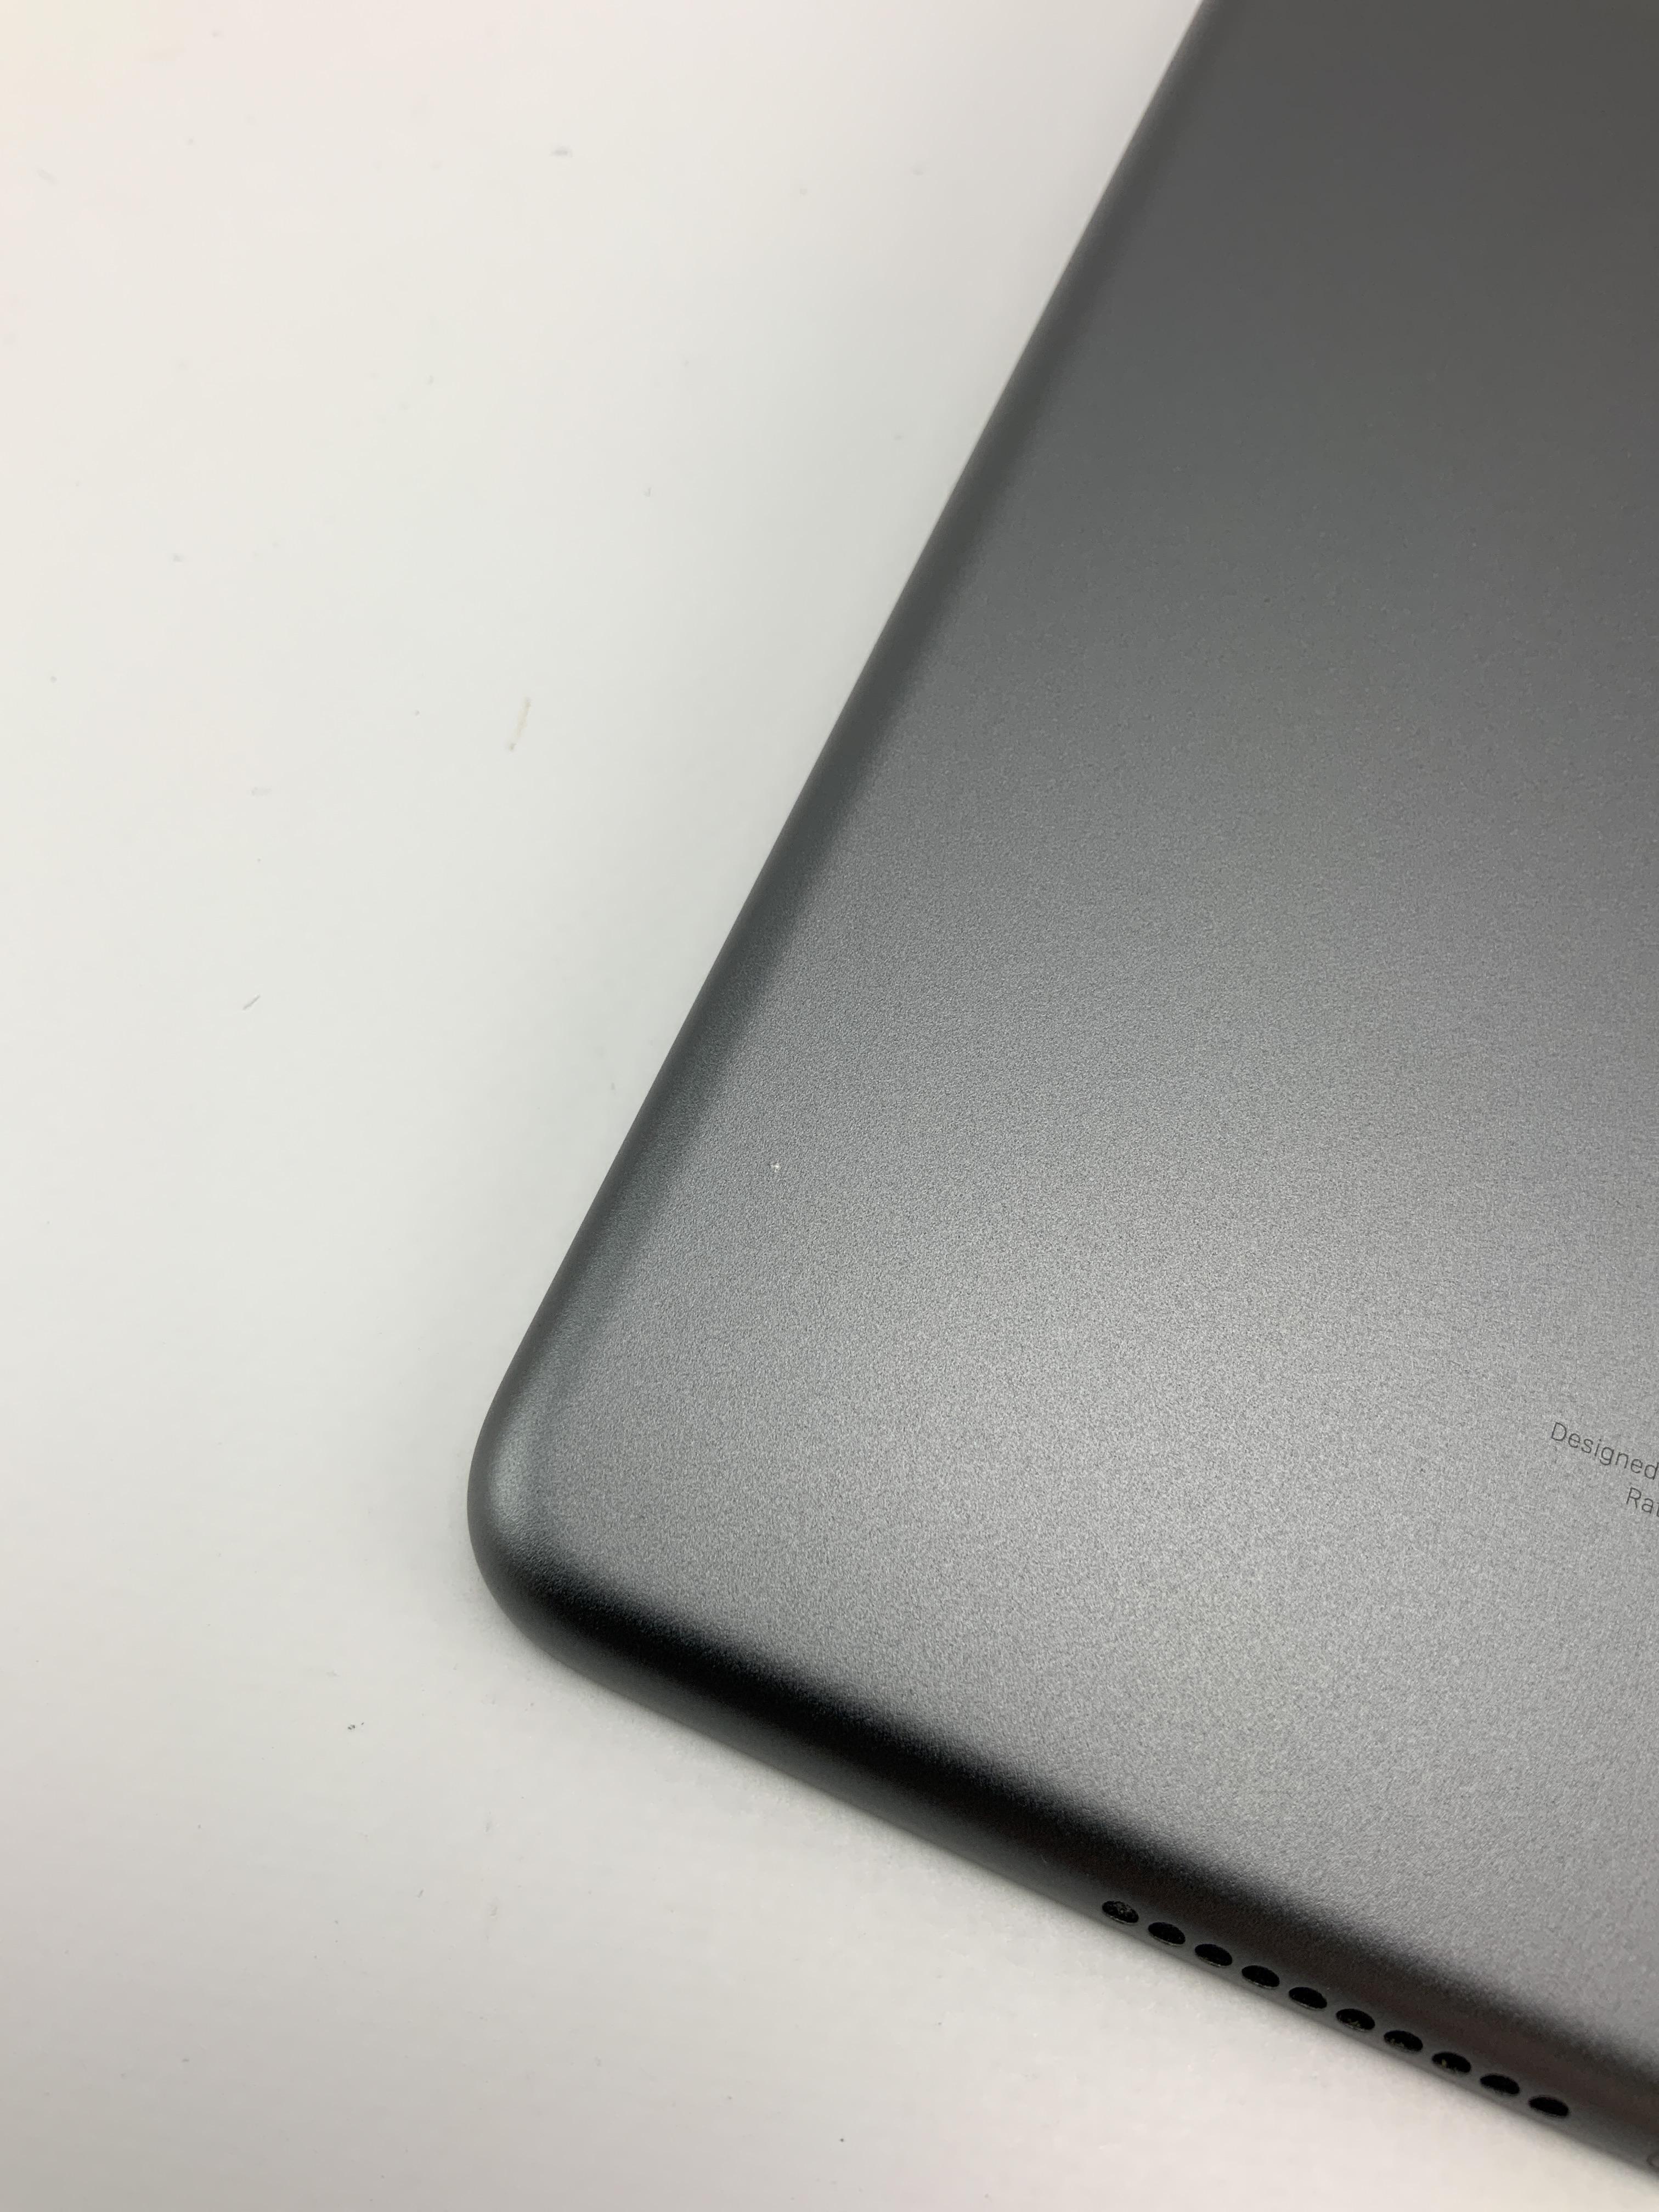 iPad mini 5 Wi-Fi 64GB, 64GB, Space Gray, imagen 4